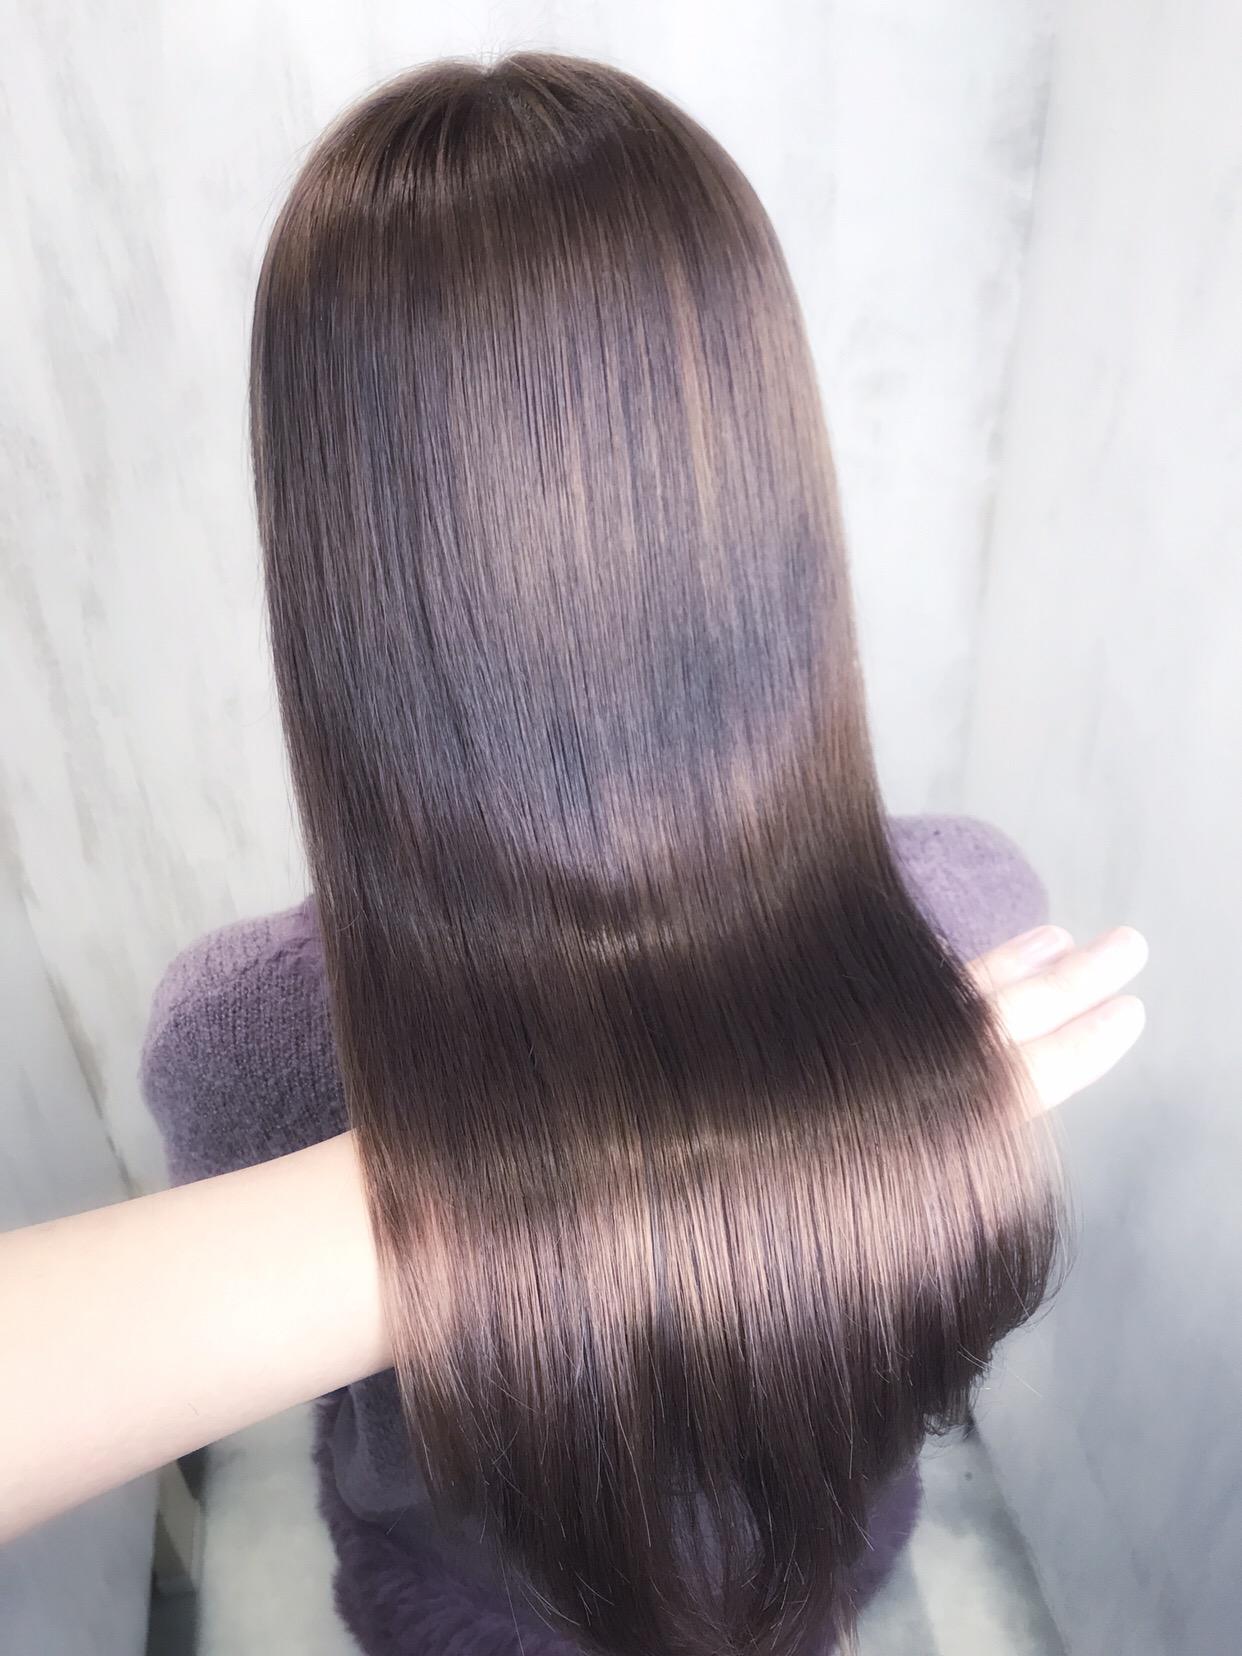 【ビビリ矯正】でチリチリの毛先をぷるんとした手ざわりへ。原宿・表参道『1000人をツヤ髪にヘアケア美容師の挑戦』